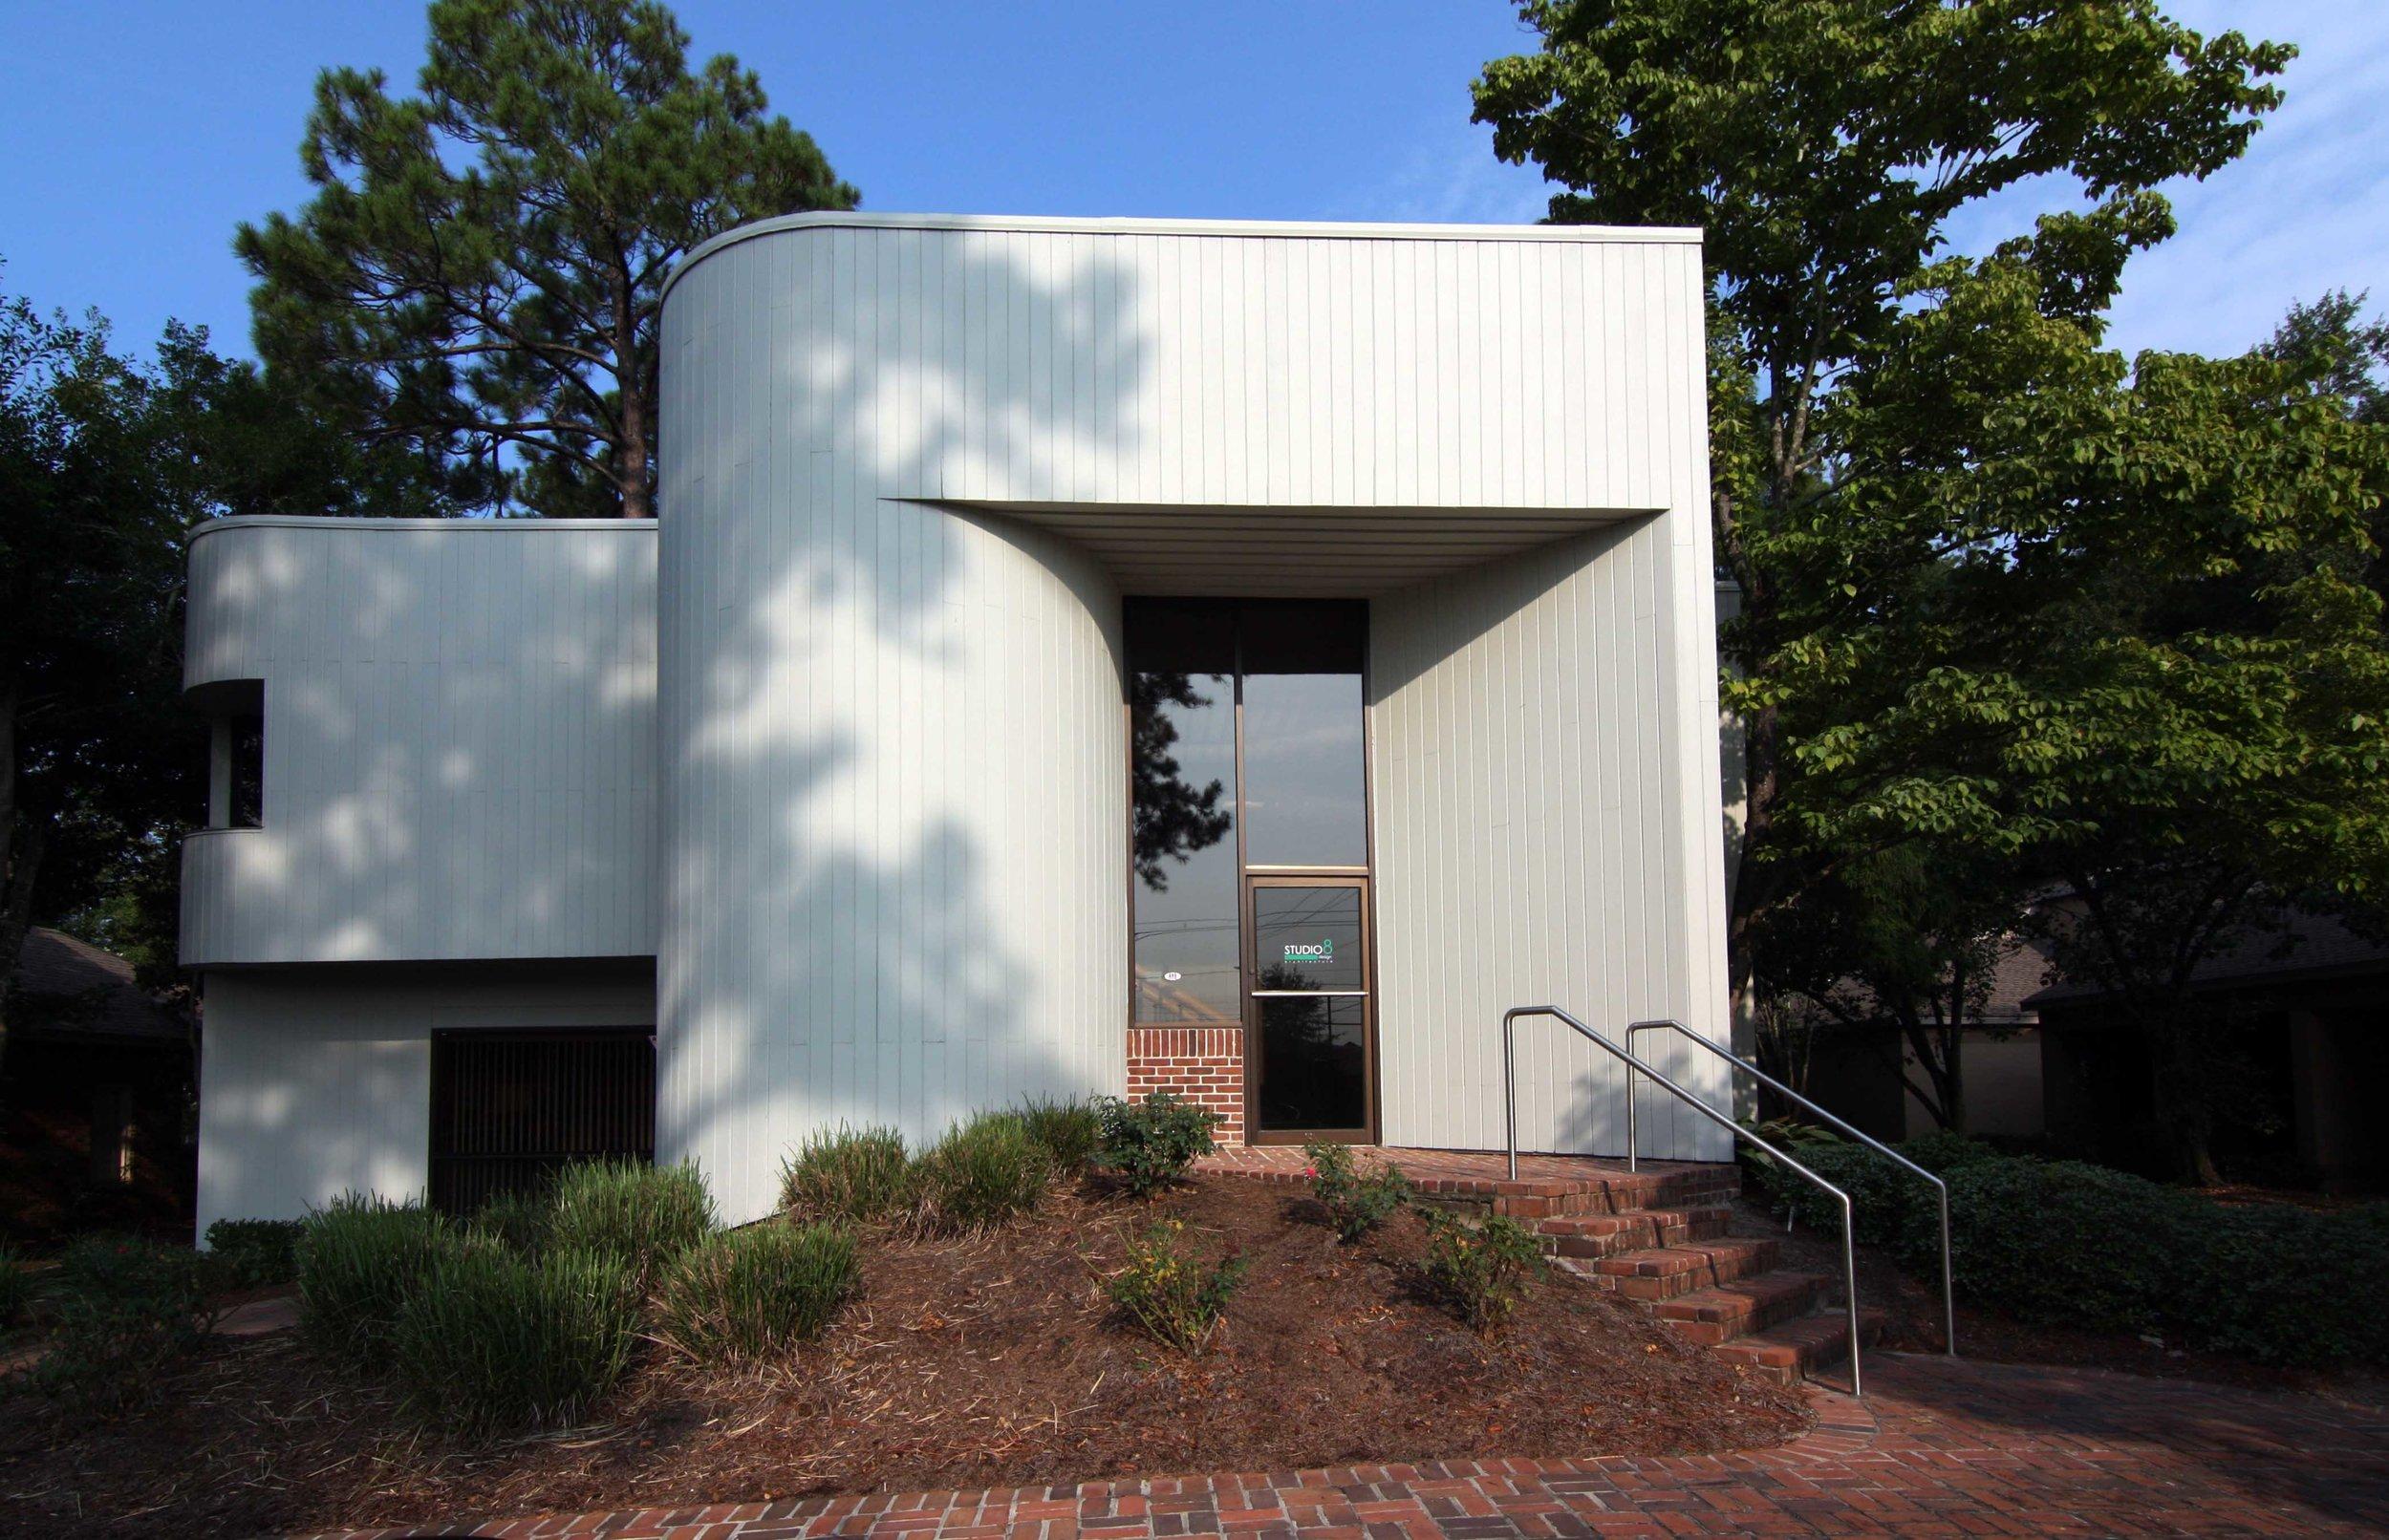 Studio 8 Design Office